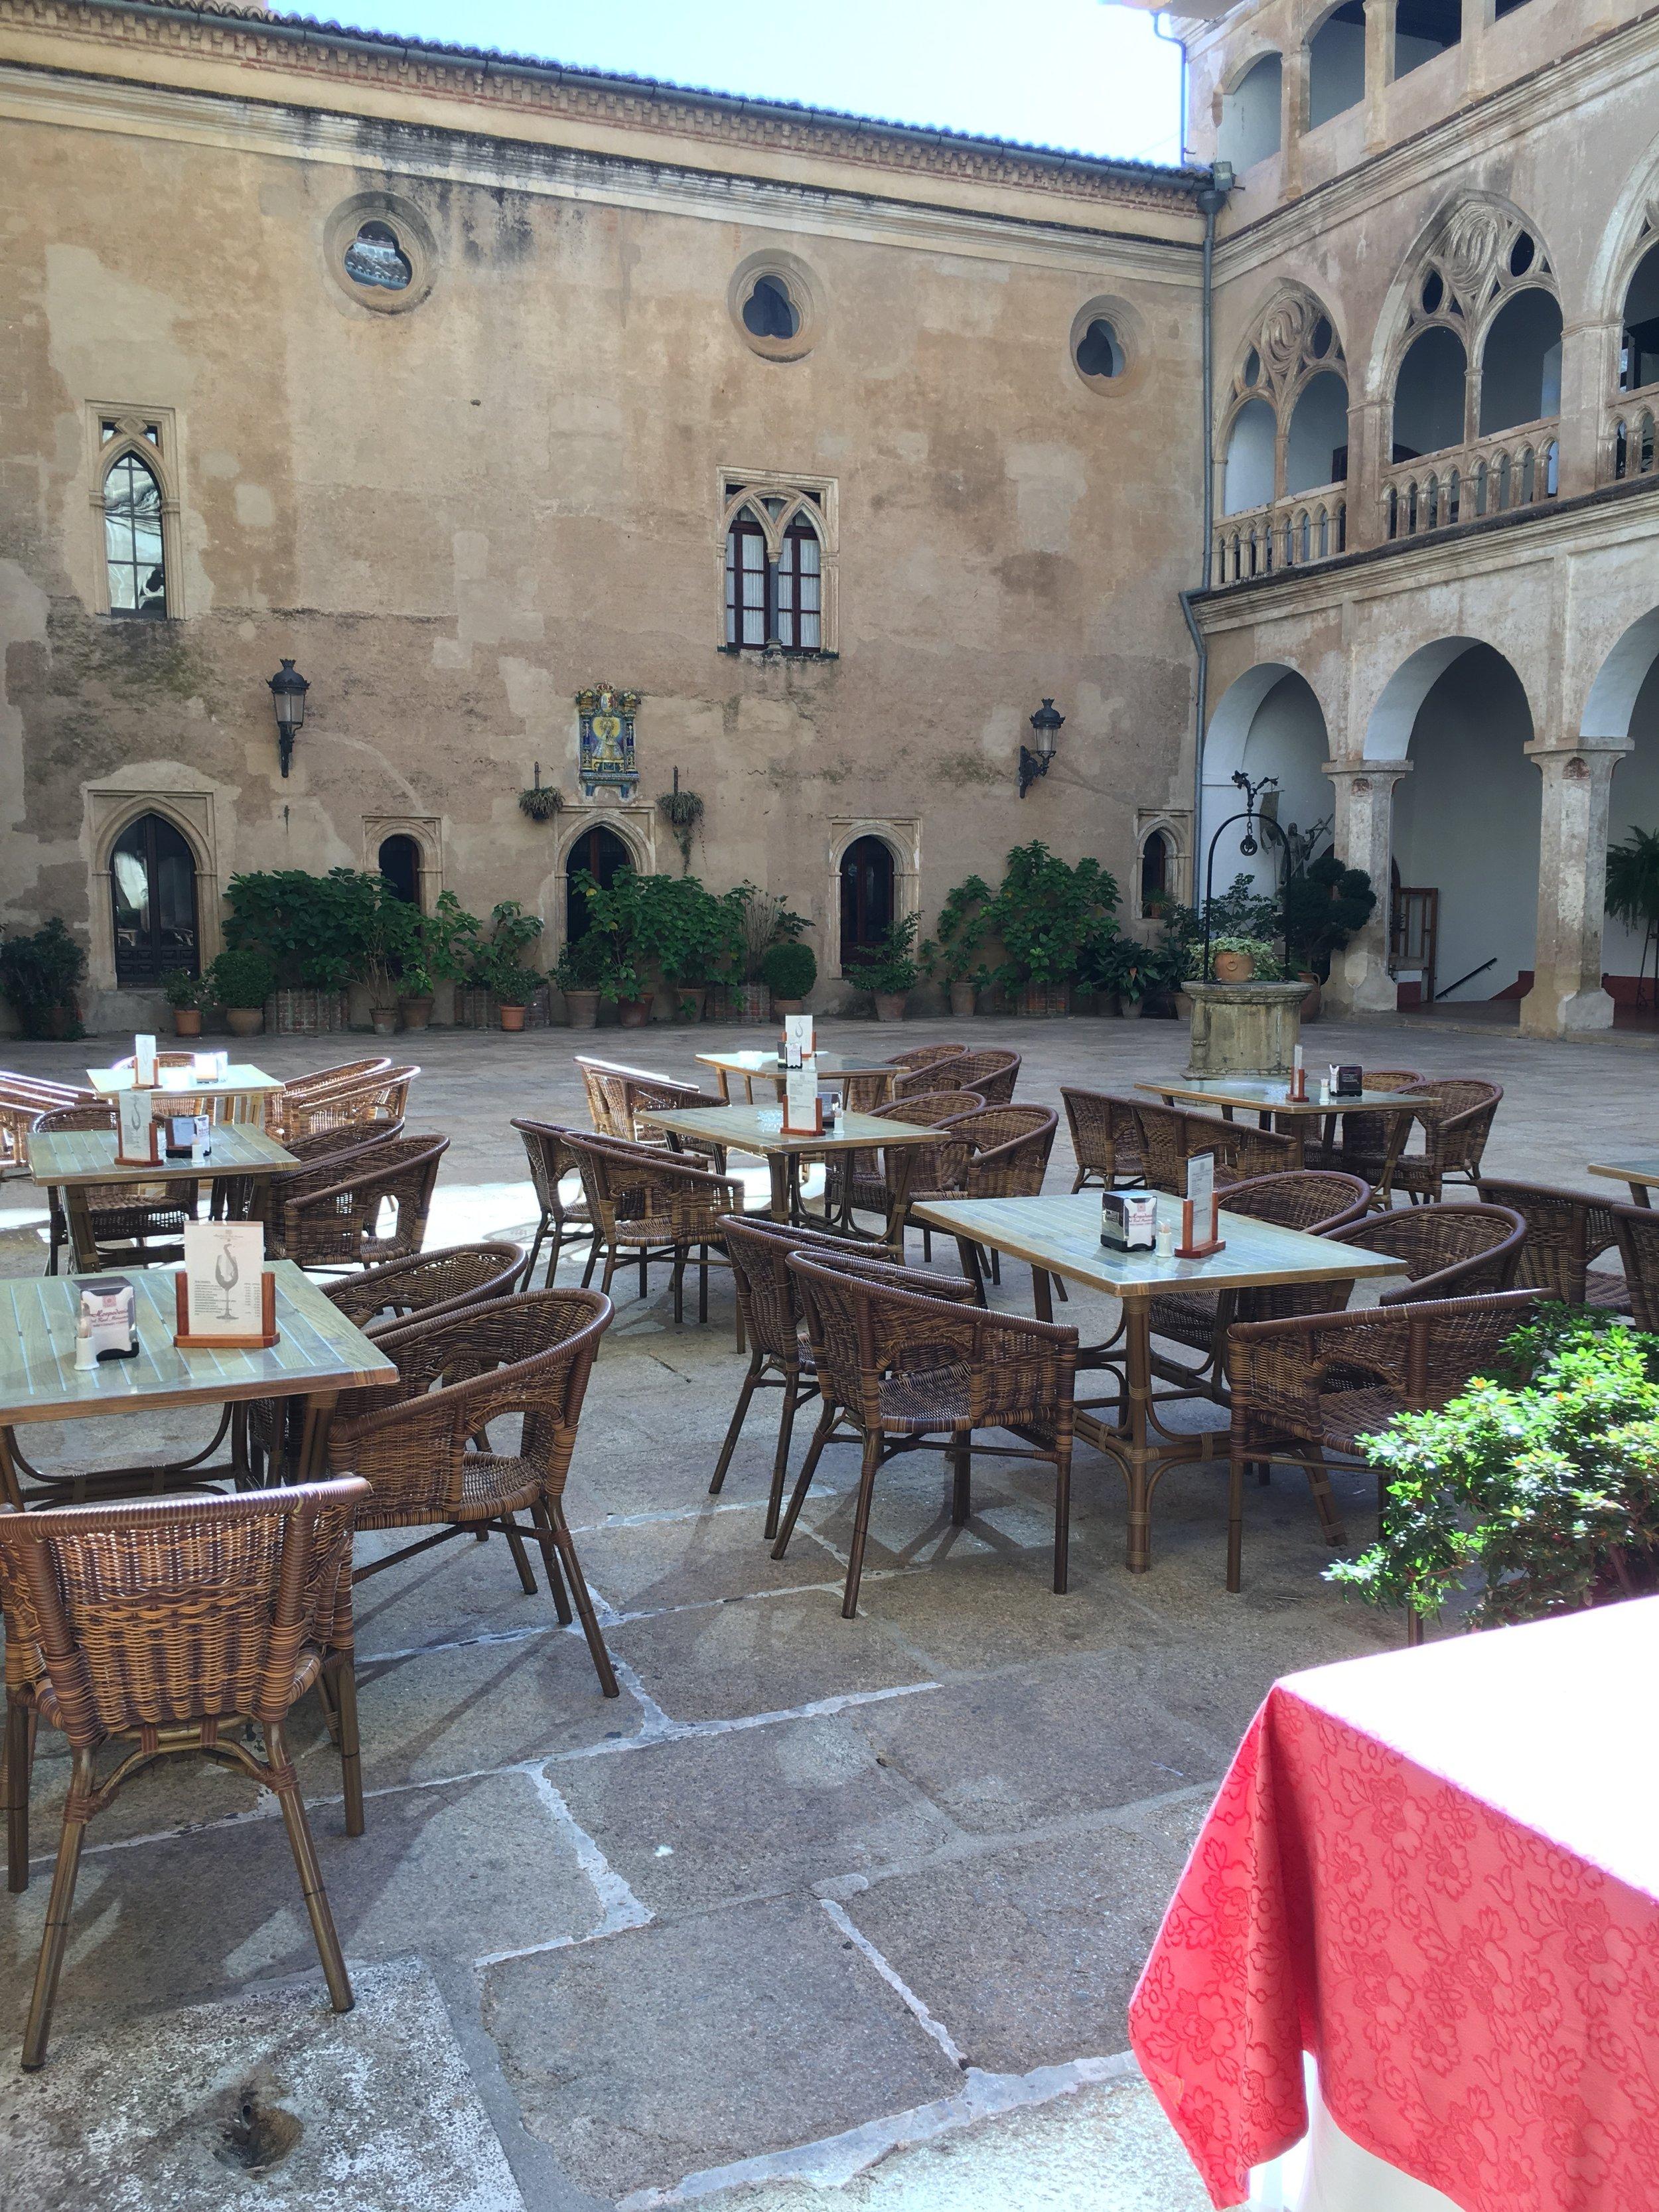 Hospedería Del Real Monasterio de Guadalupe (where we ate/donde comimos)